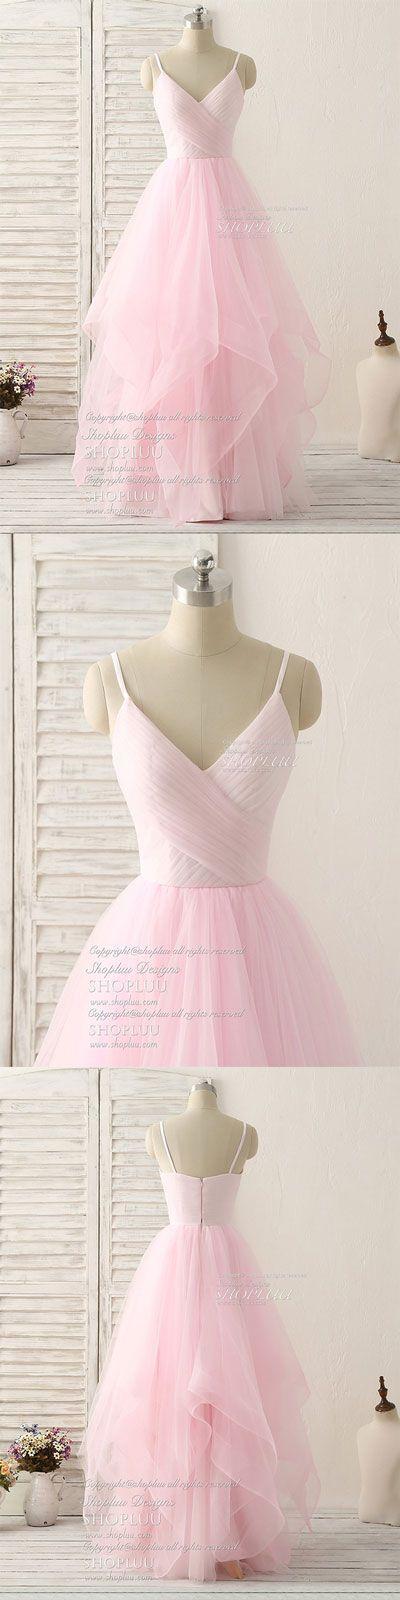 Langes Tüll-Rosa-Abschlussballkleid mit v-Ausschnitt rosa Abendkleid #eveningdresses